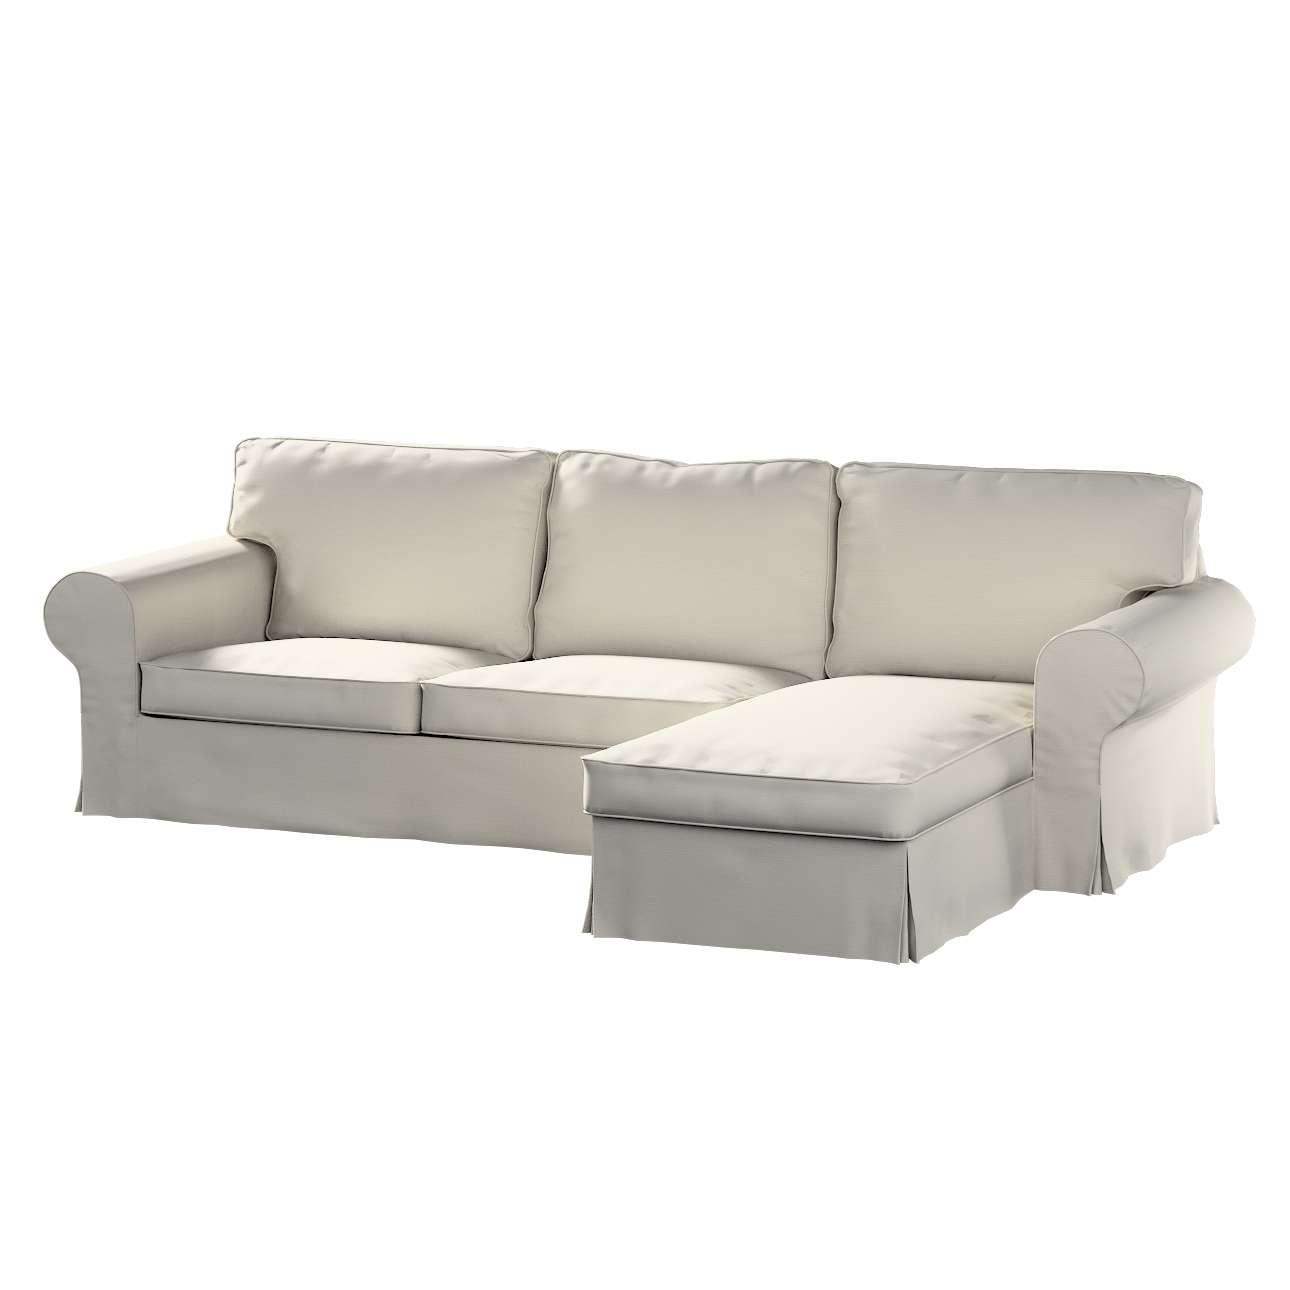 Ektorp dvivietės sofos su gulimuoju krėslu užvalkalas Ikea Ektorp dvivietės sofos su gulimuoju krėslu užvalkalas kolekcijoje Cotton Panama, audinys: 702-31